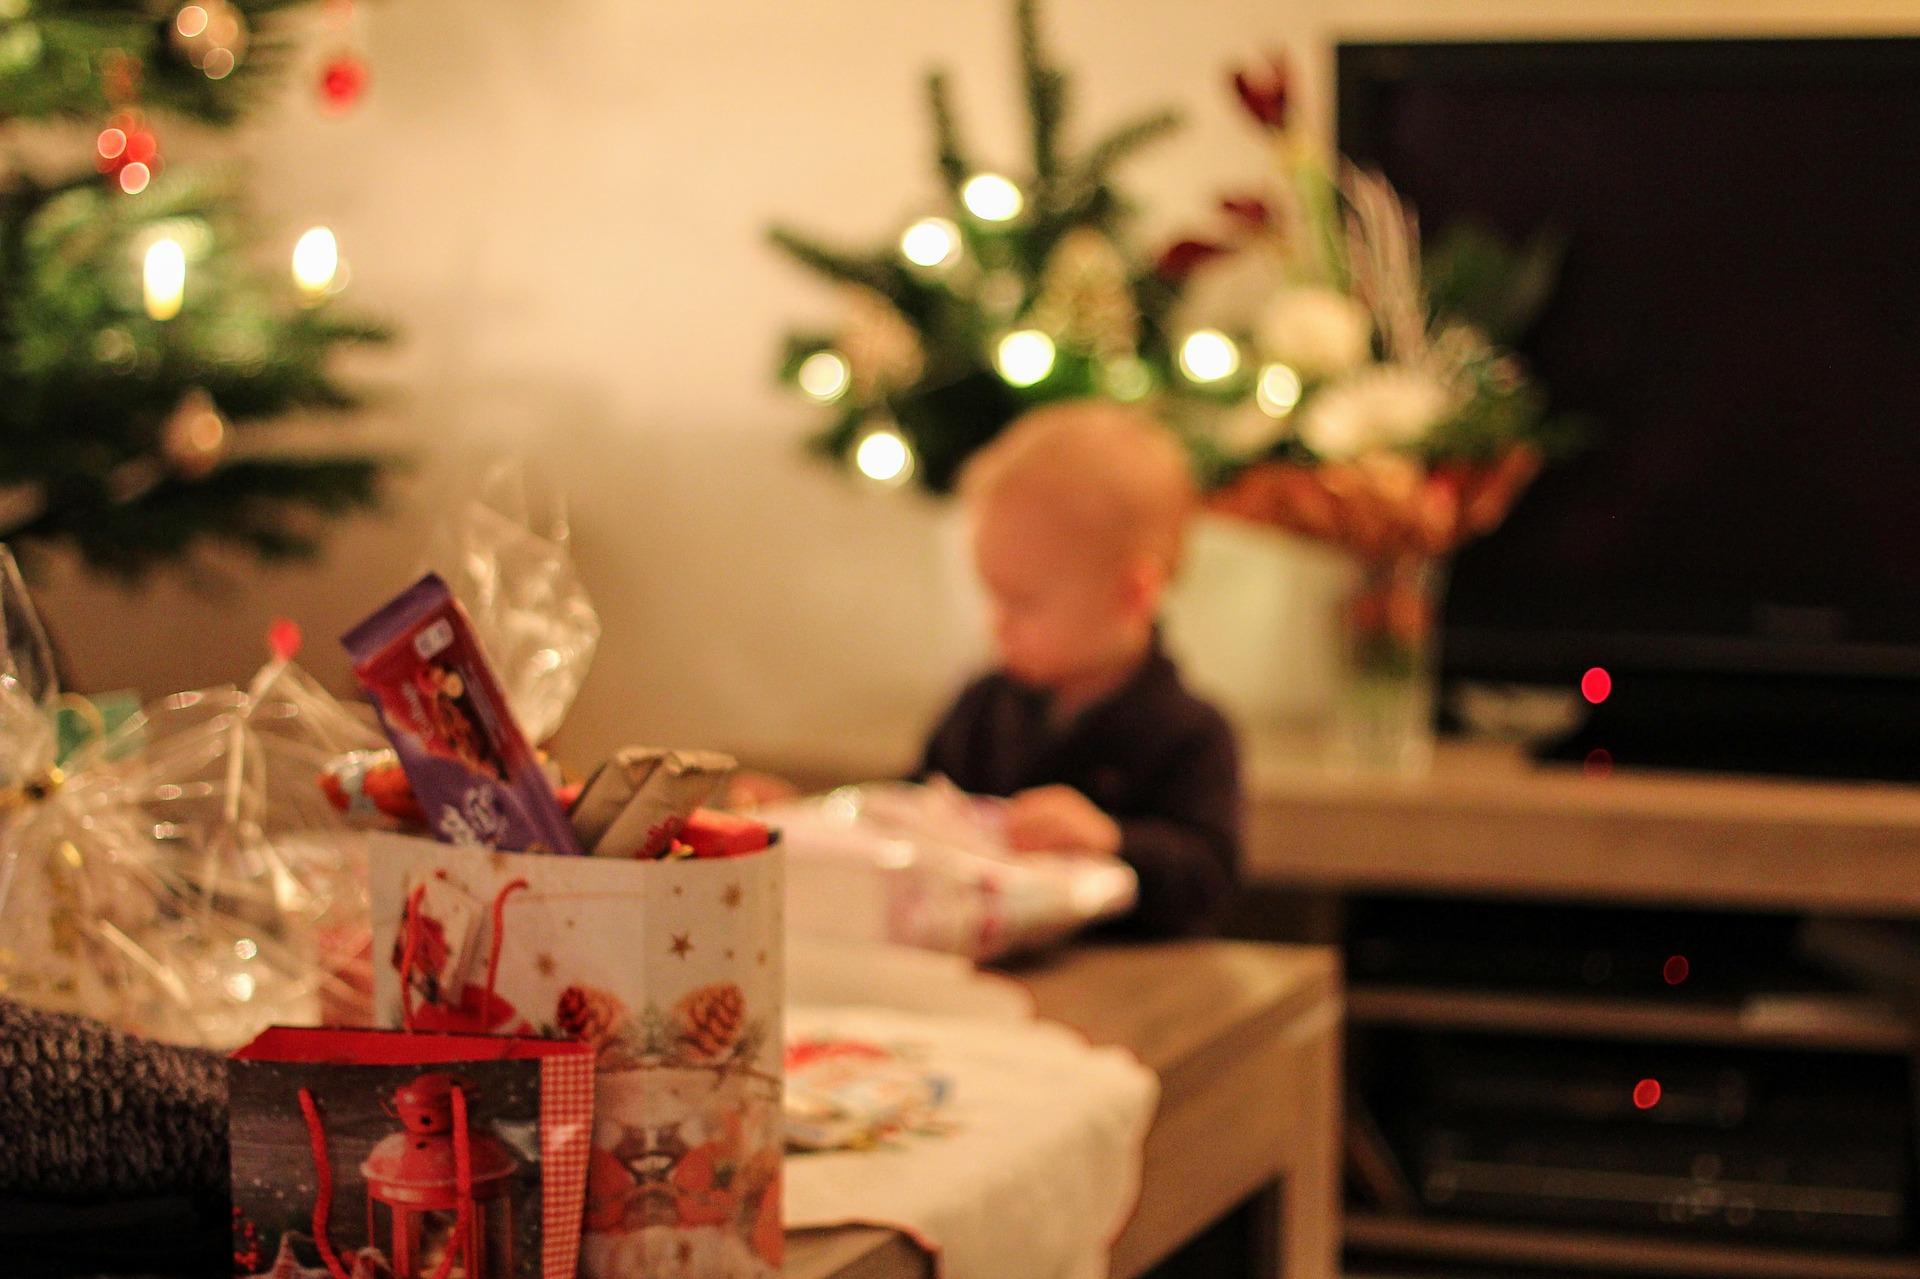 Regali Di Natale Per Bambini 1 Anno.Regali Per Bambini Di 1 Anno Green E Utili Green Womam